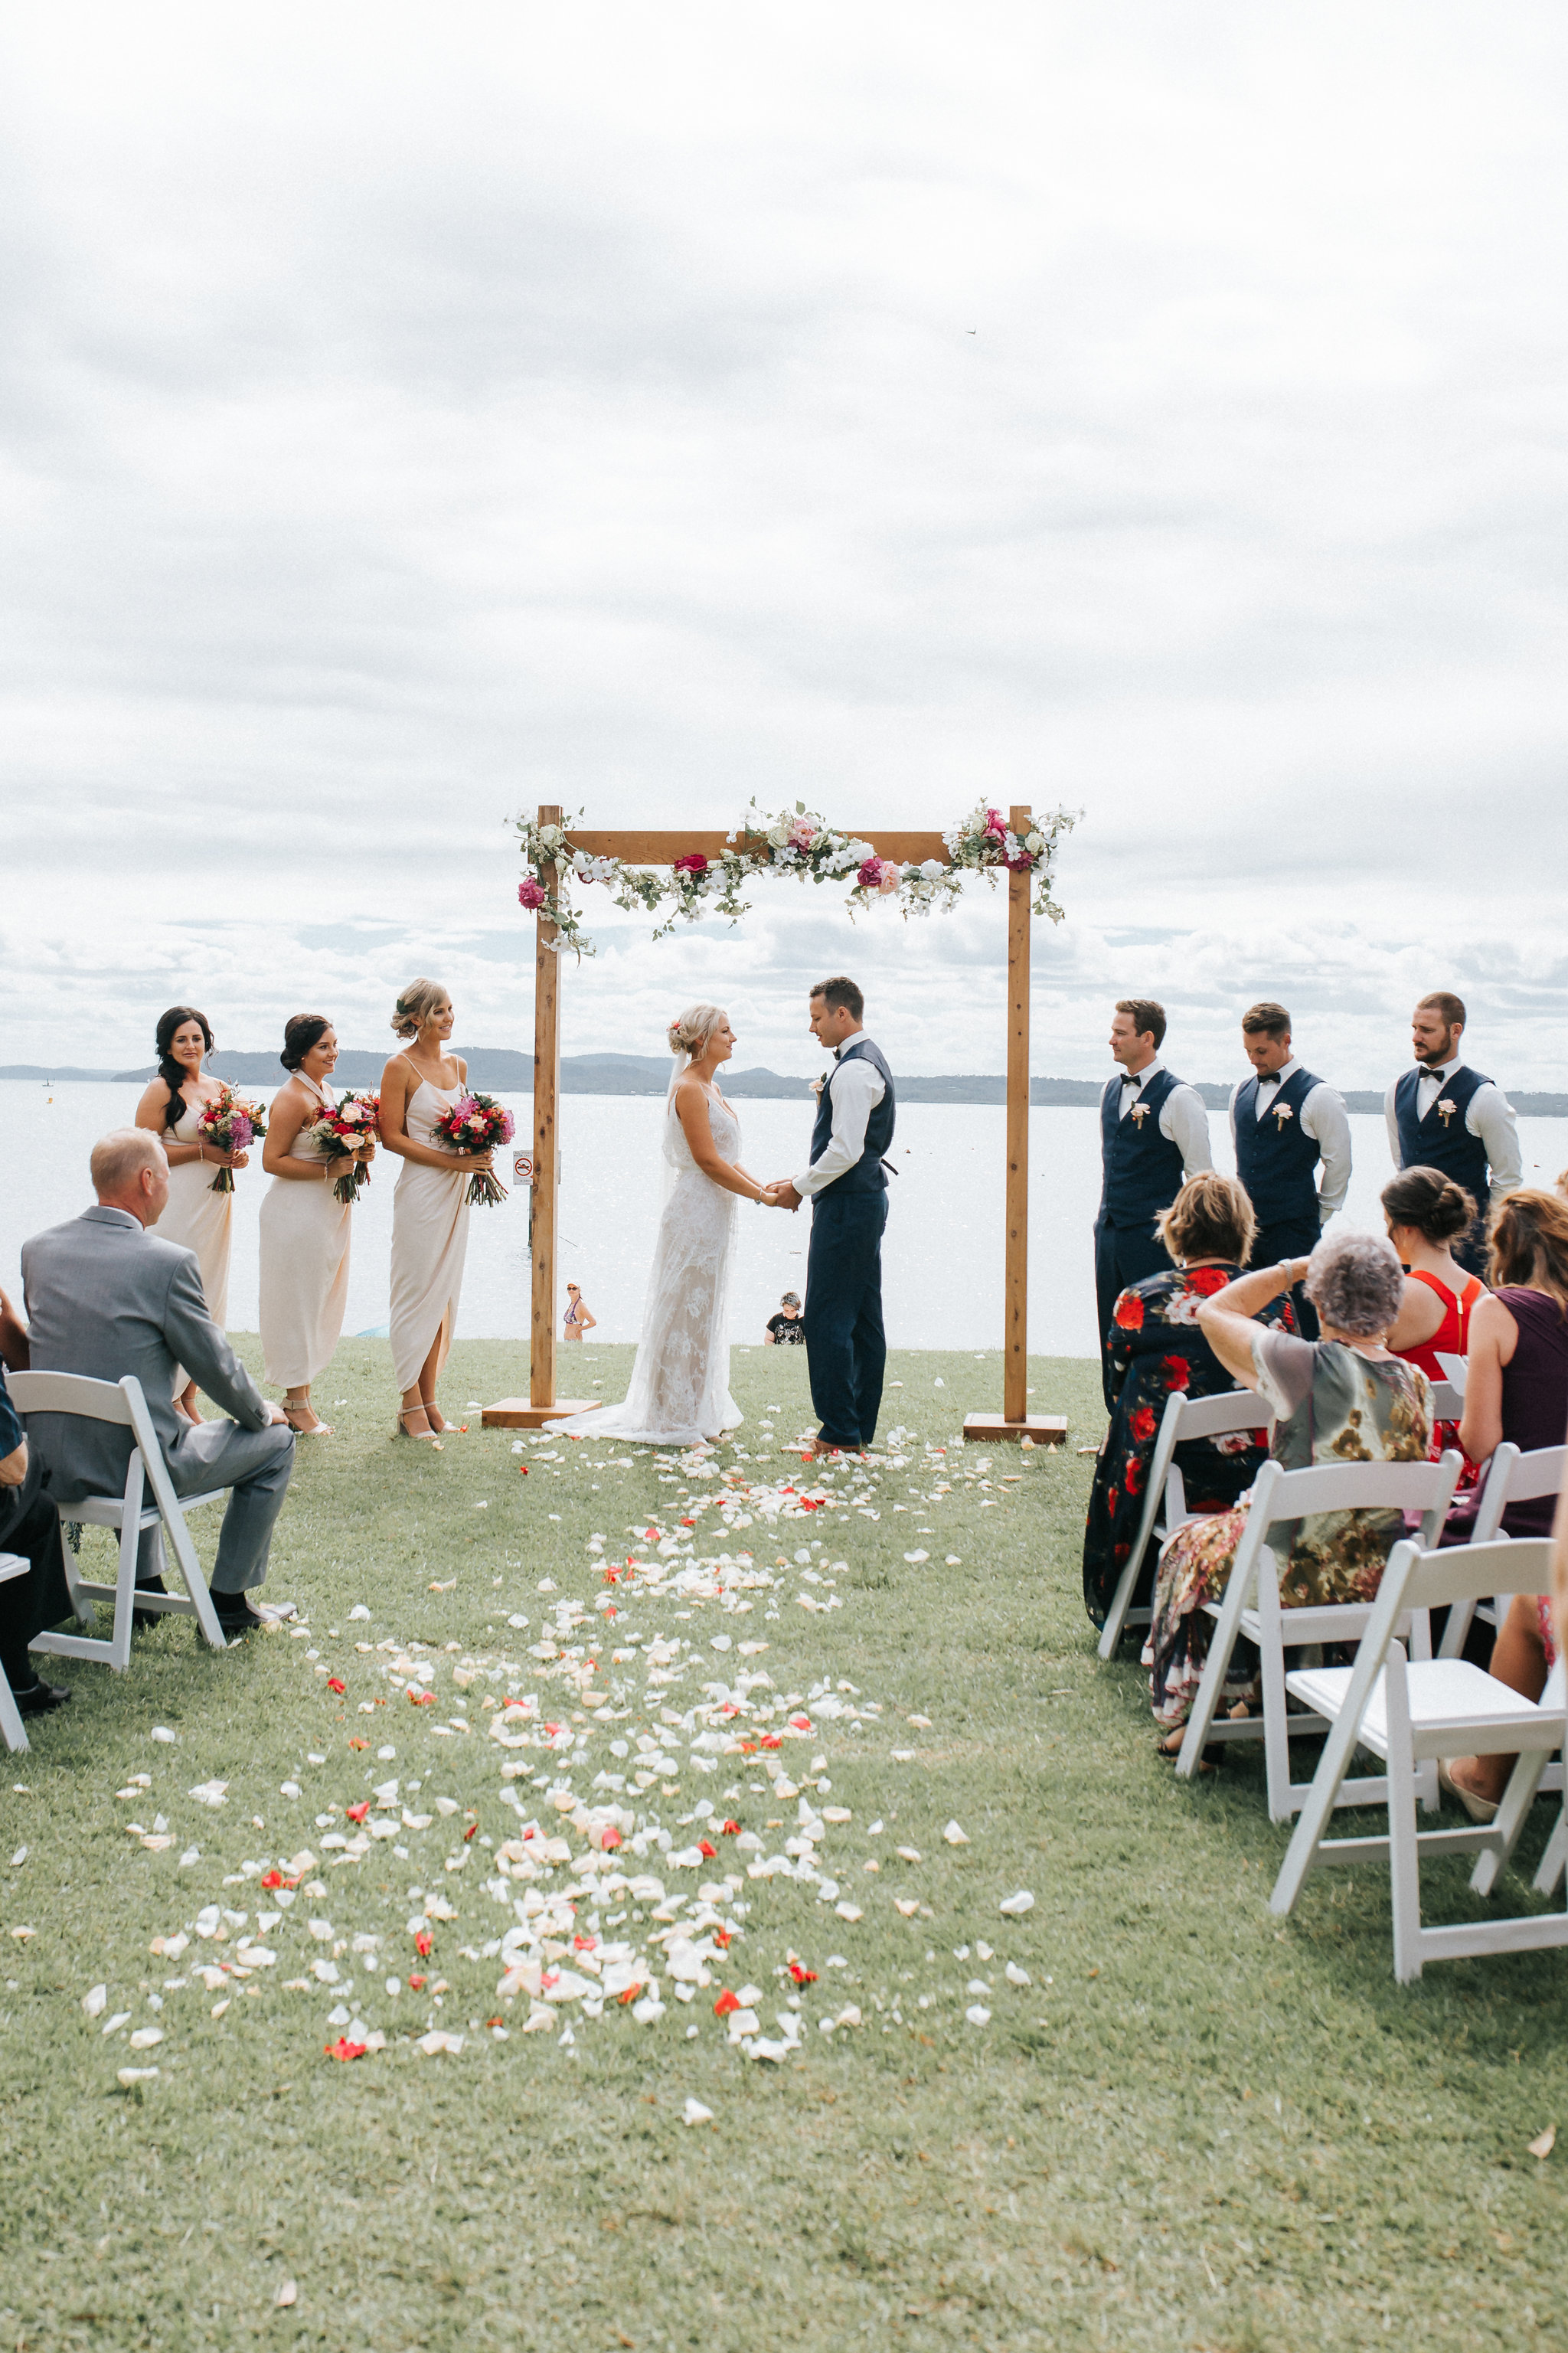 LITTLE-BEACH-WEDDING-MARCHANT-376.jpg